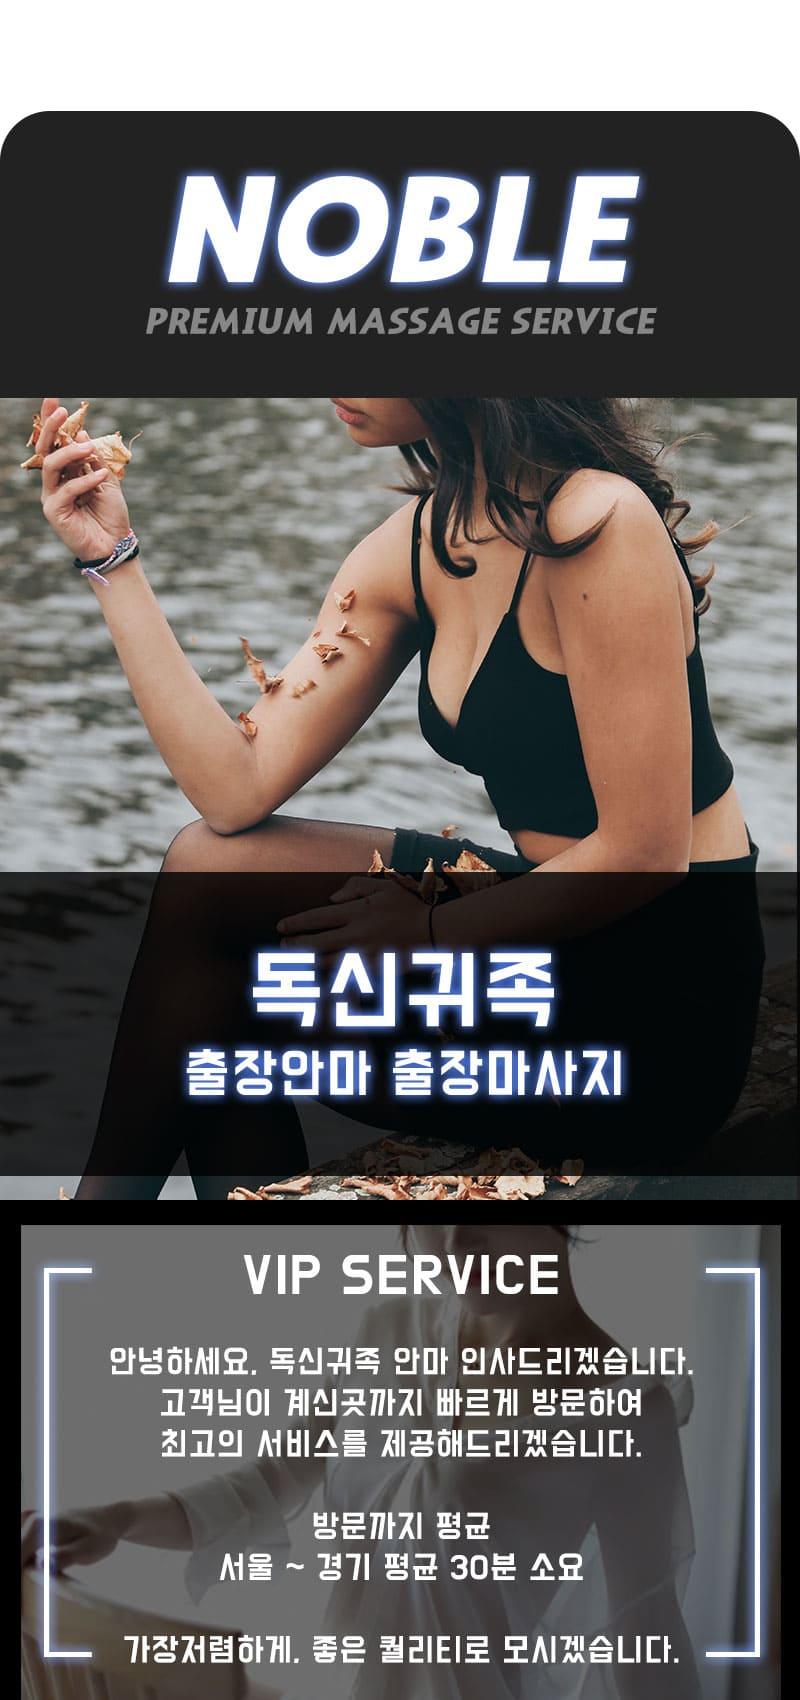 중동출장안마 소개